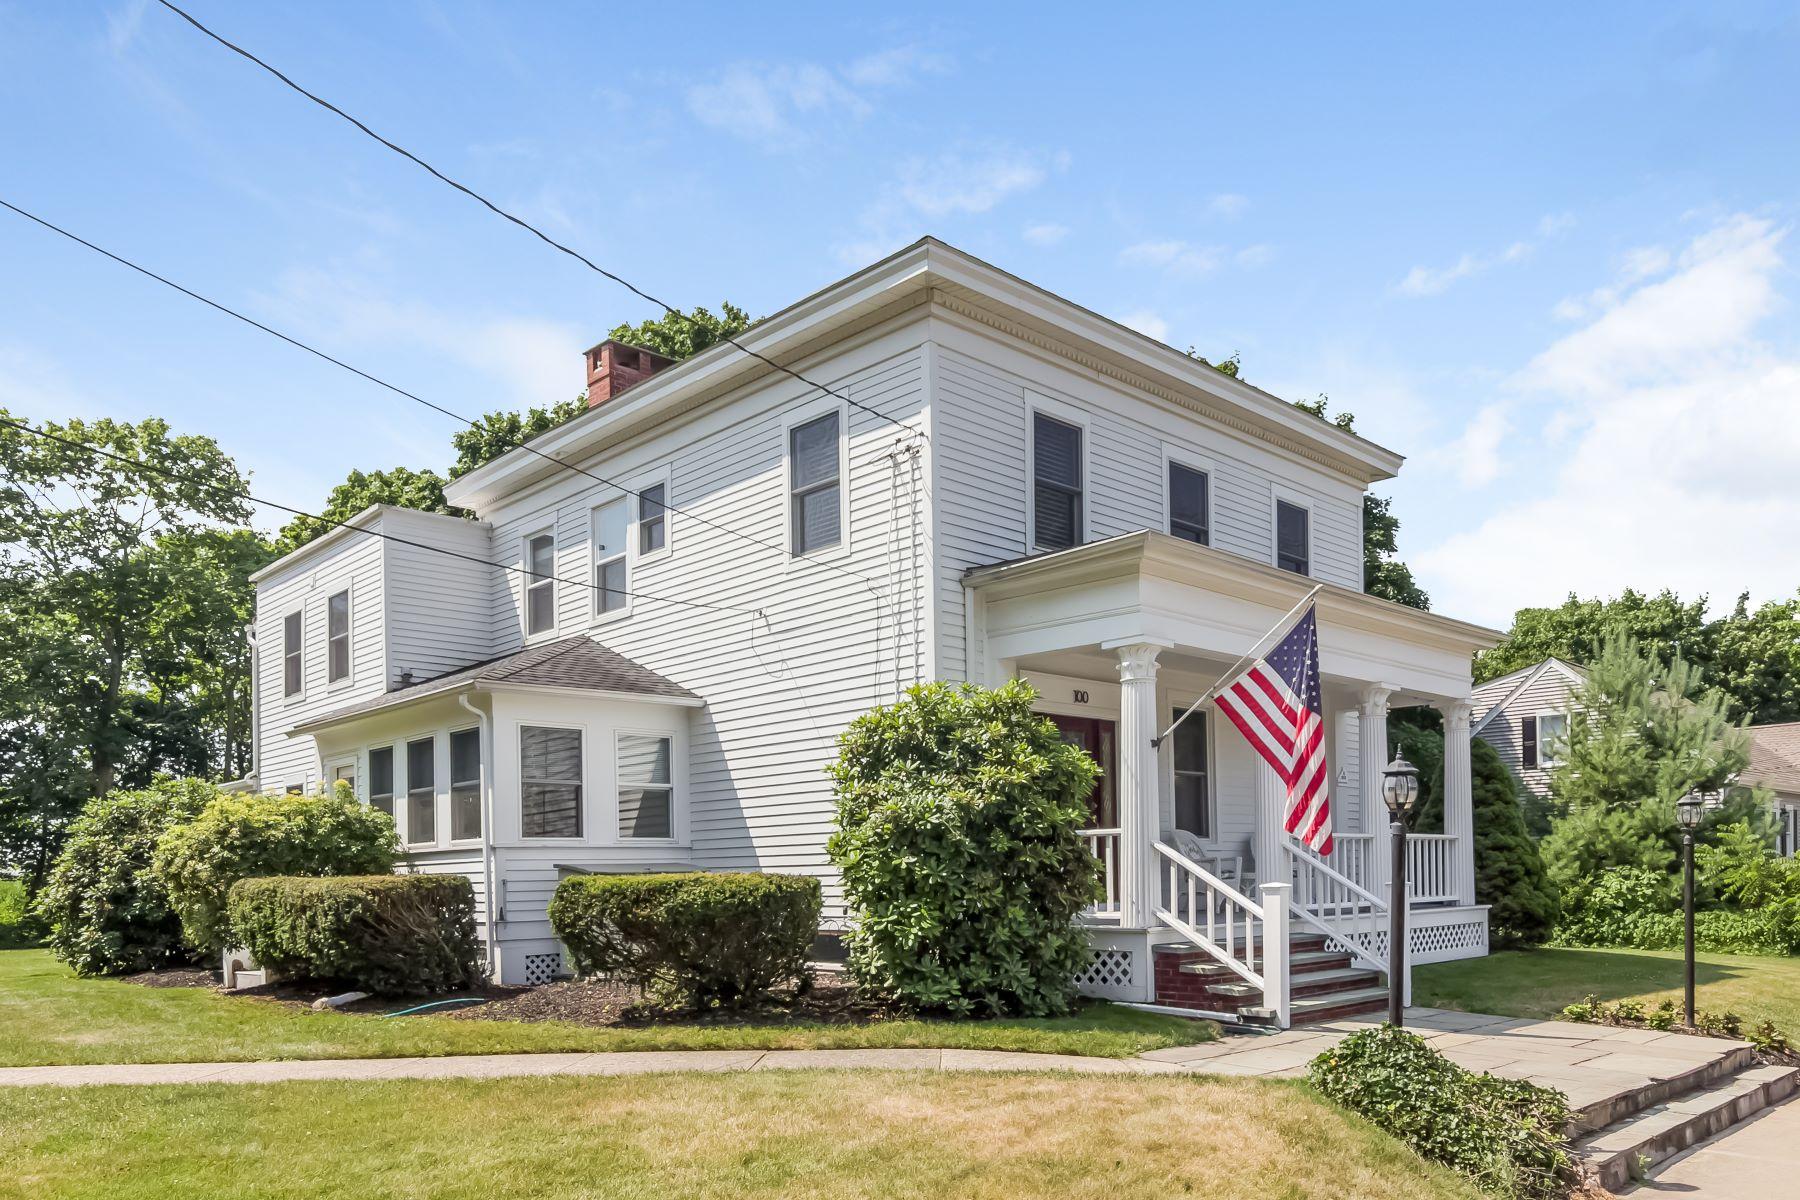 Частный односемейный дом для того Продажа на 100 Water Street 100 Water Street Guilford, Коннектикут 06437 Соединенные Штаты